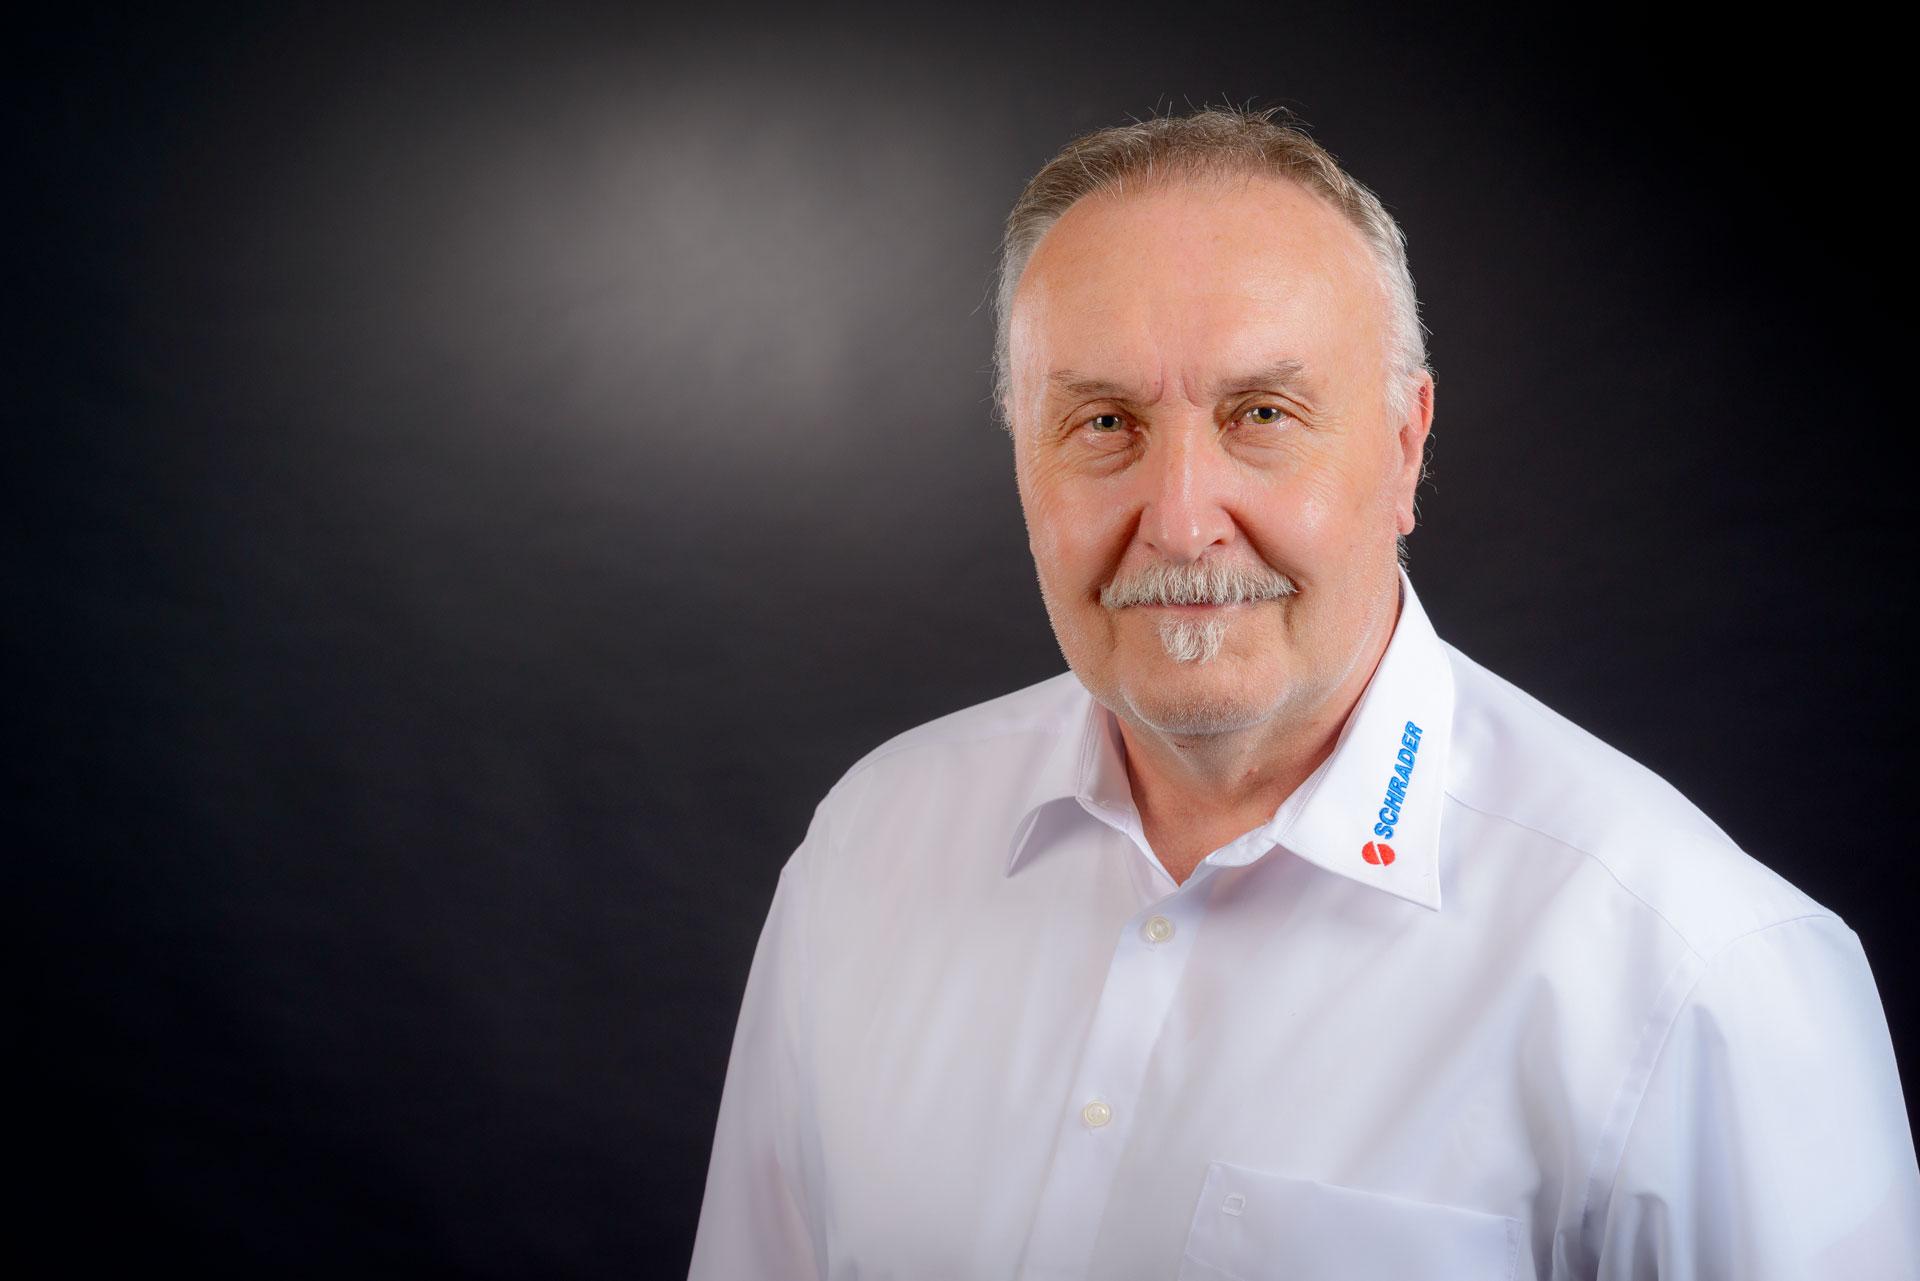 Gerhard-Schotte